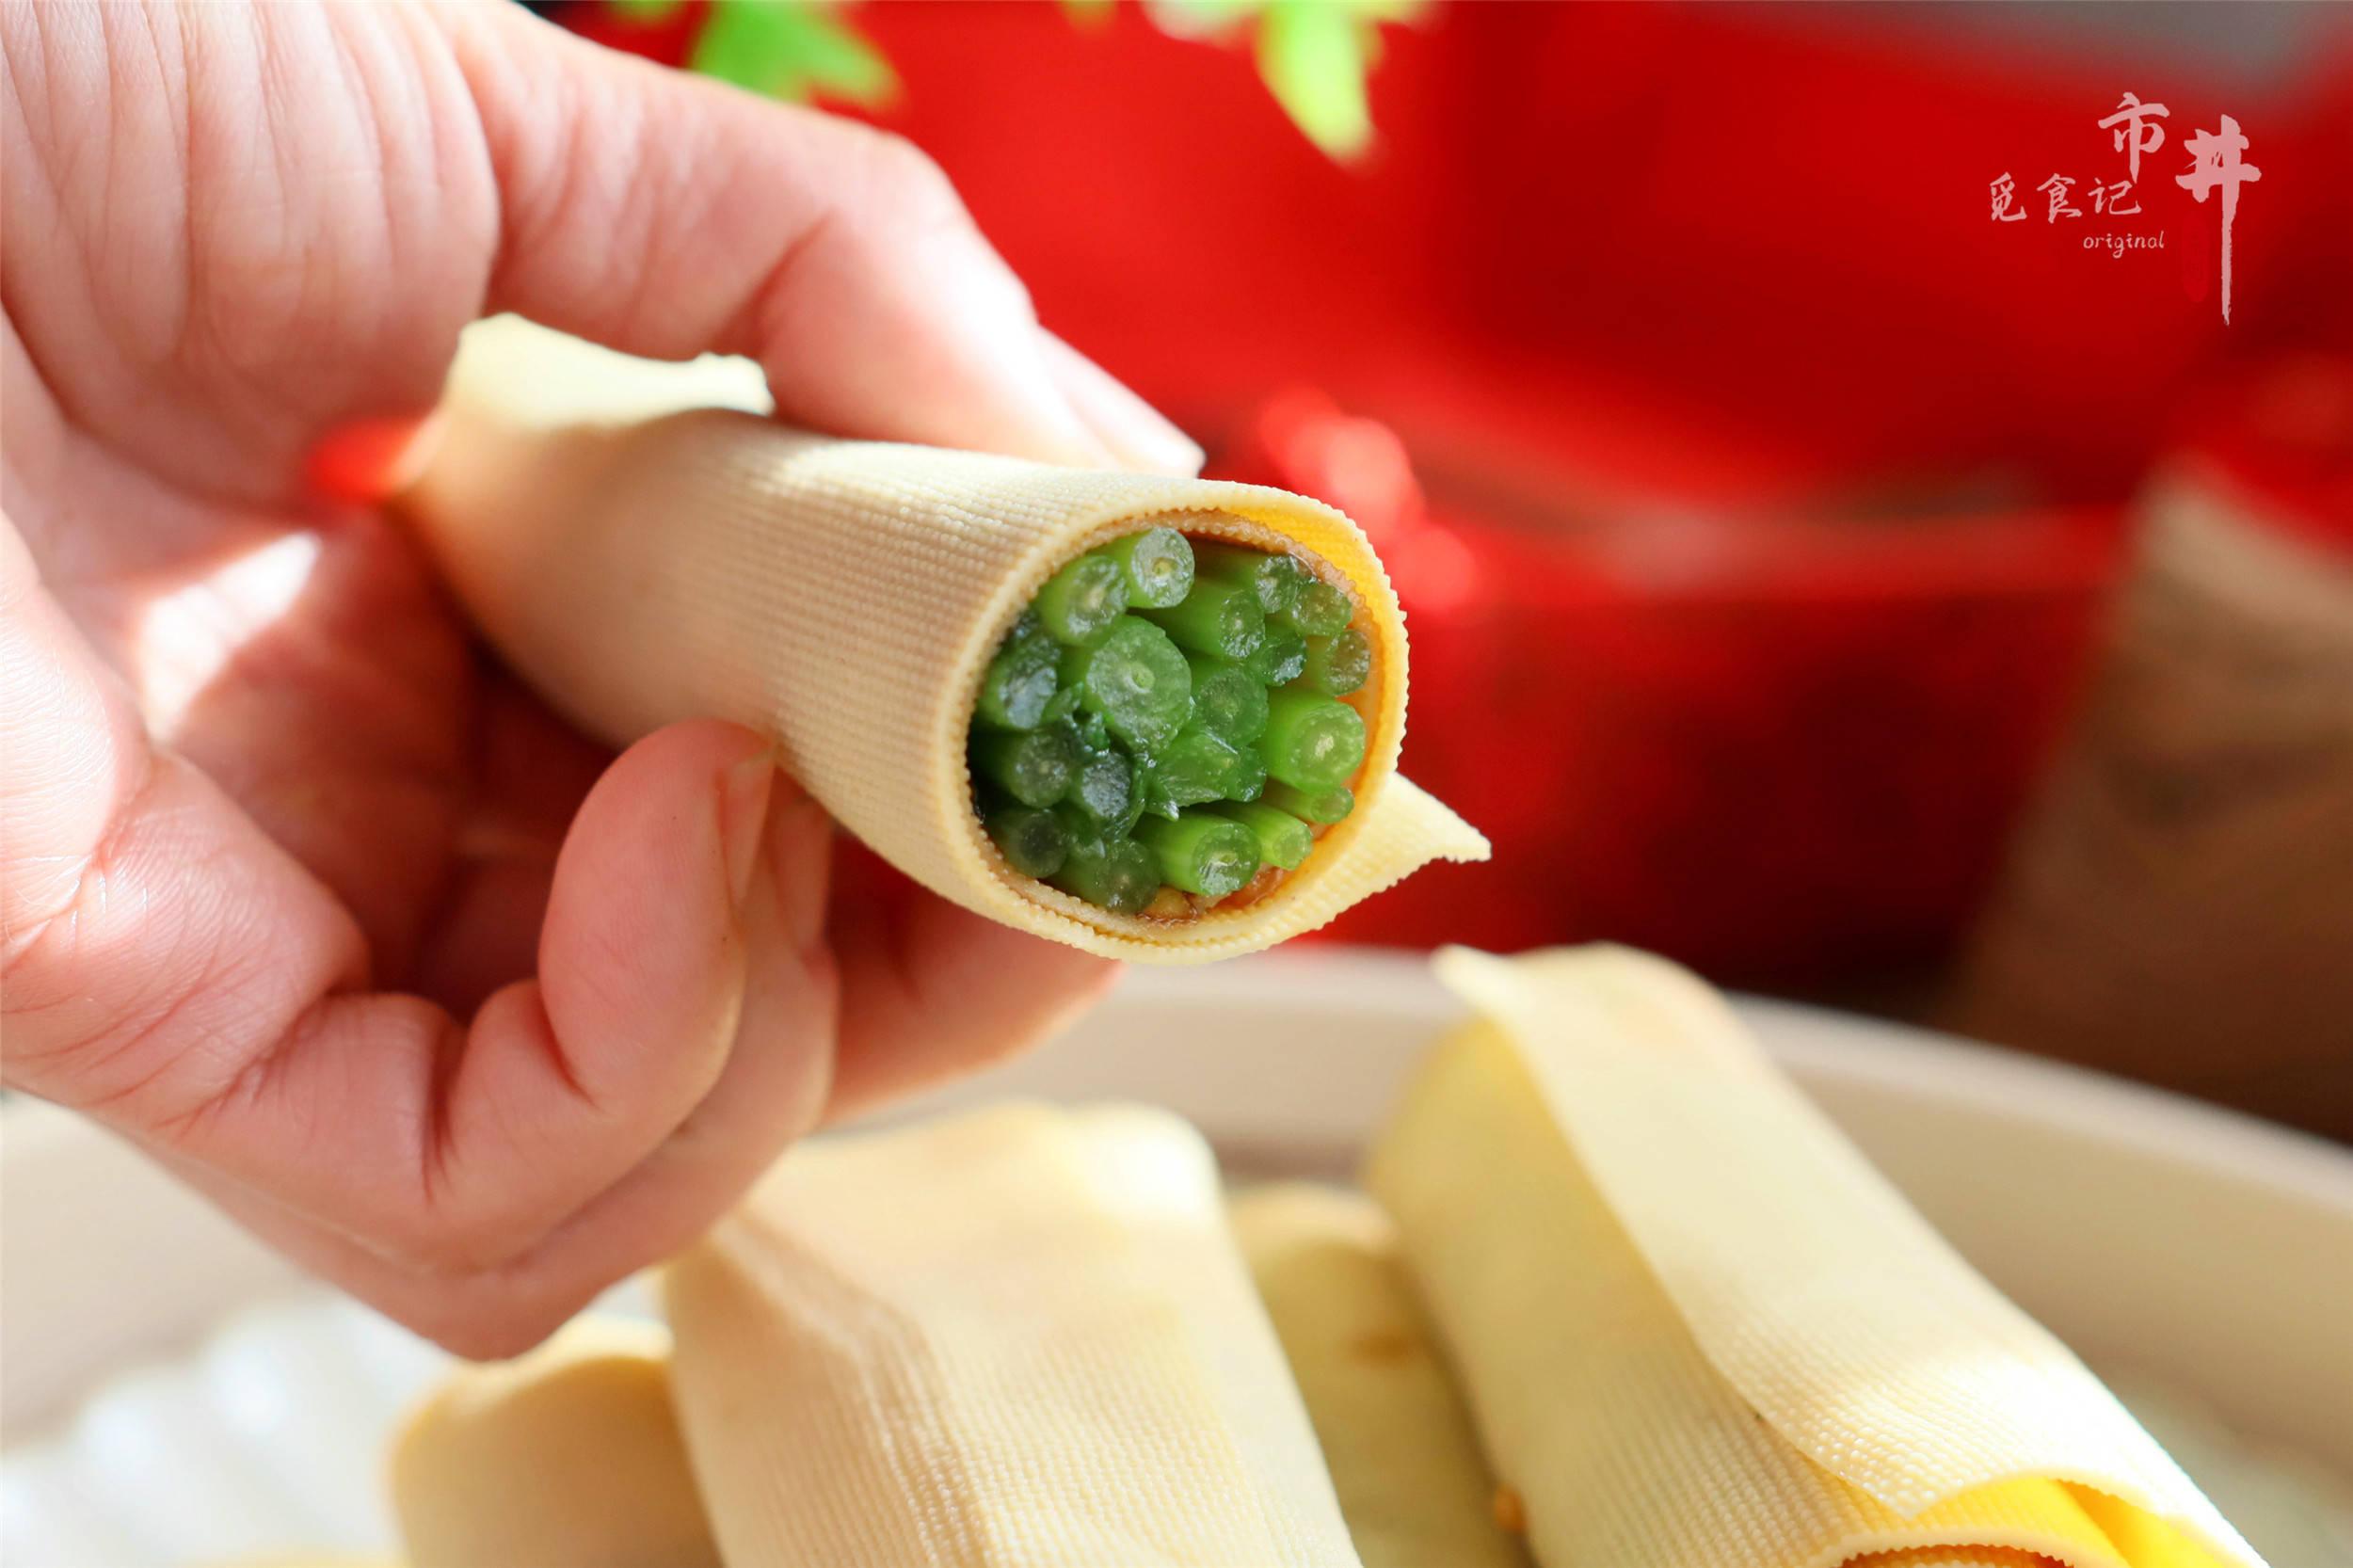 """超市碰上这""""皇帝菜"""",别放过买几斤,清香营养,腊月里吃正合适"""